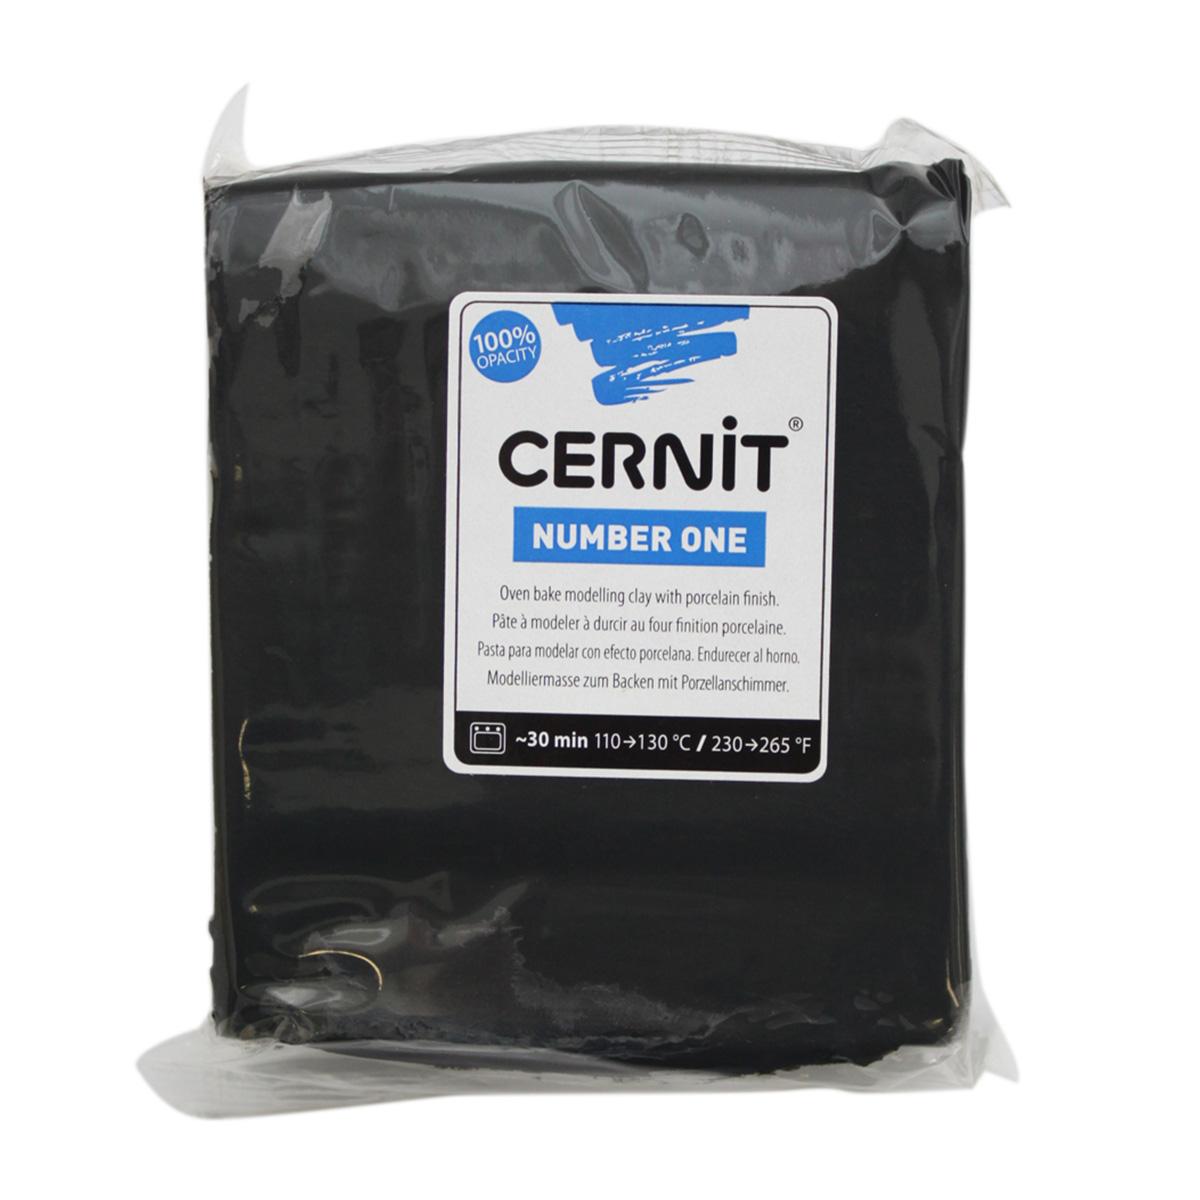 CE090025 Пластика полимерная запекаемая 'Cernit № 1' 250гр.